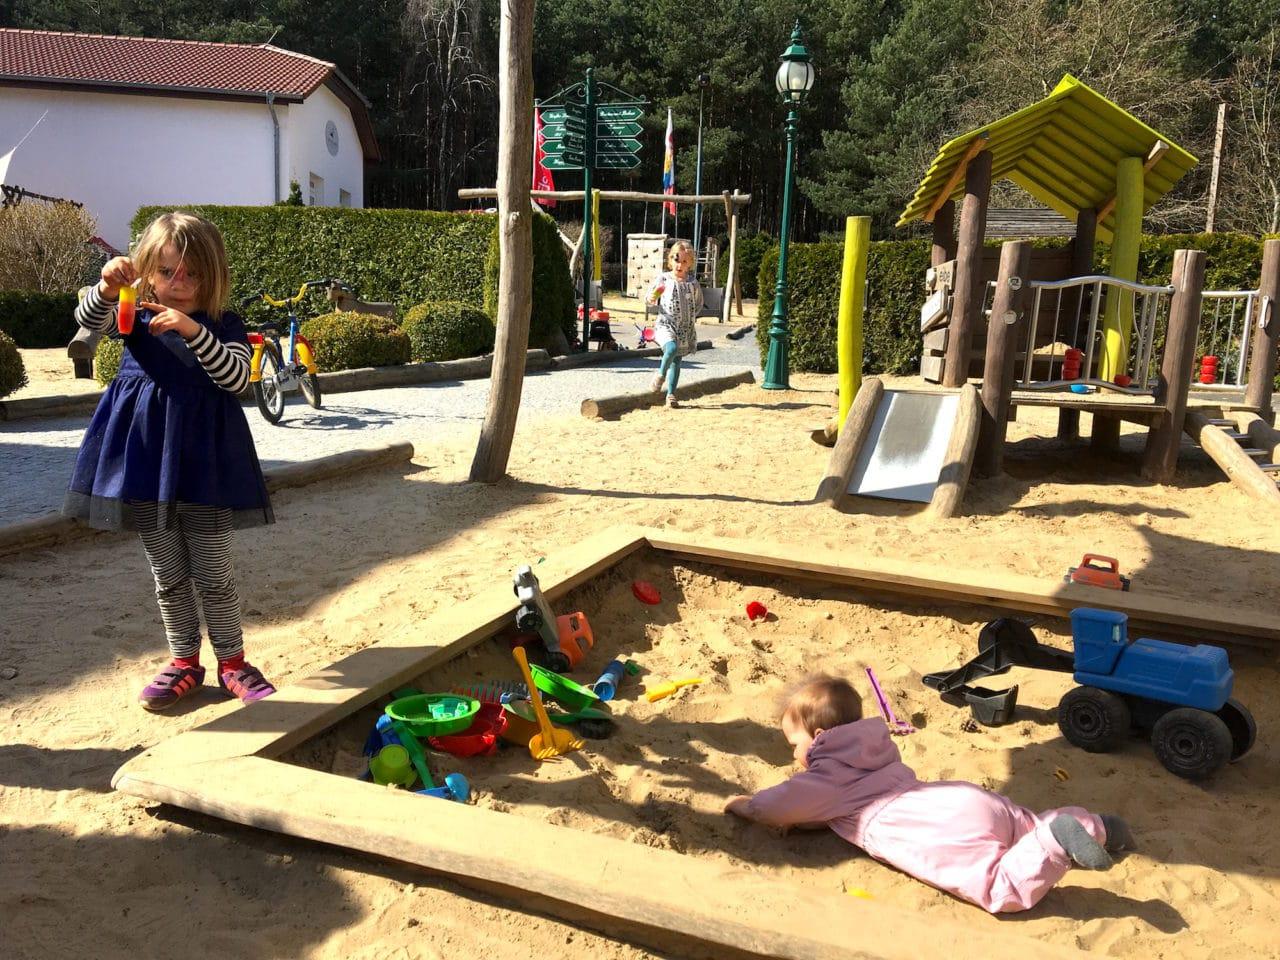 Klettergerüst Für 2 Jährige : Der spielplatz und seine besucher super mom blog mama von